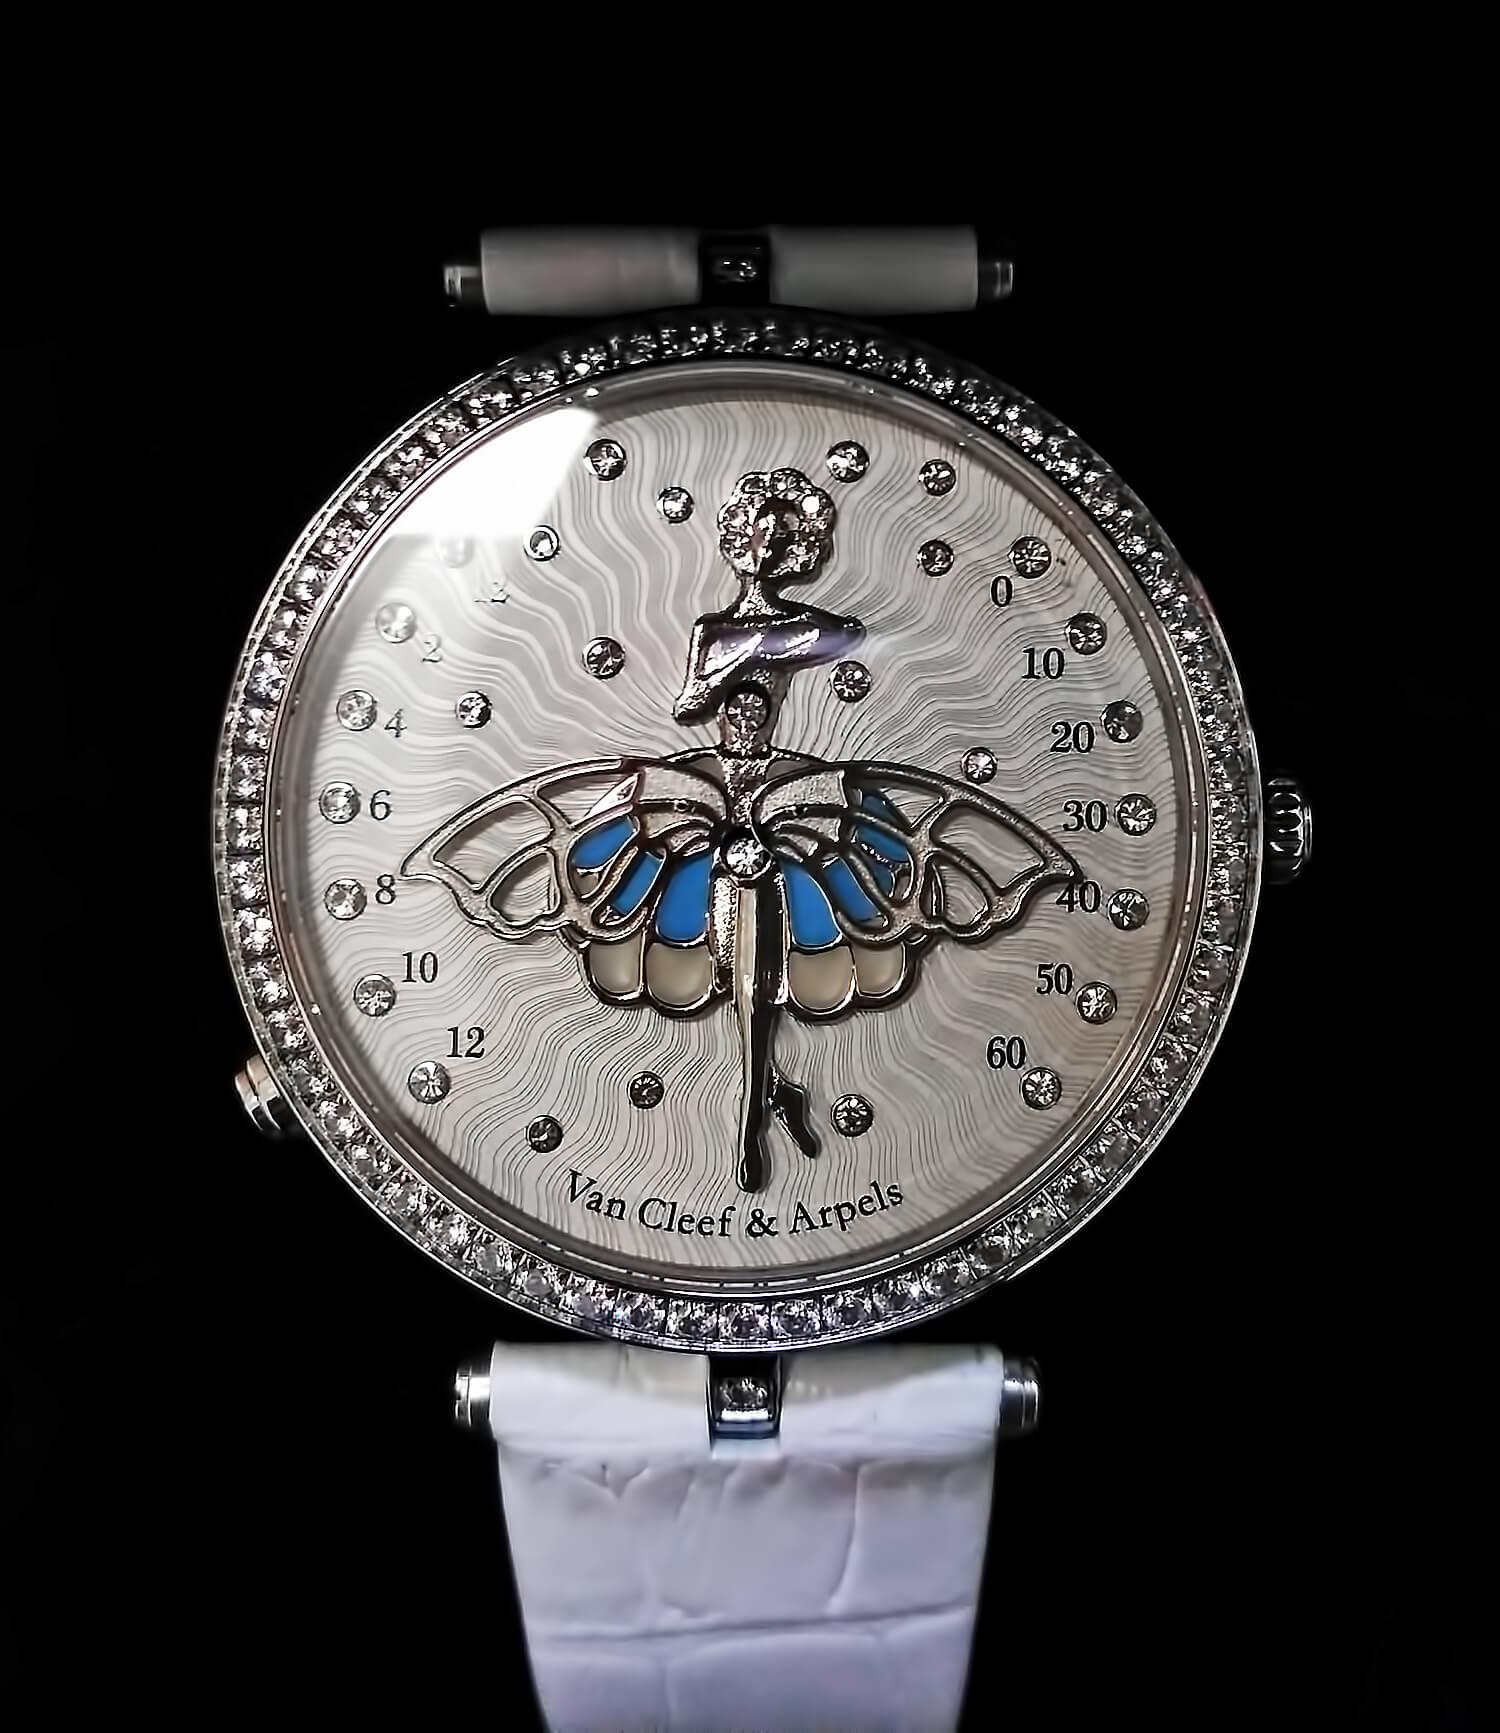 Циферблат реплики женских часов Lady Arpels Ballerine Enchantee